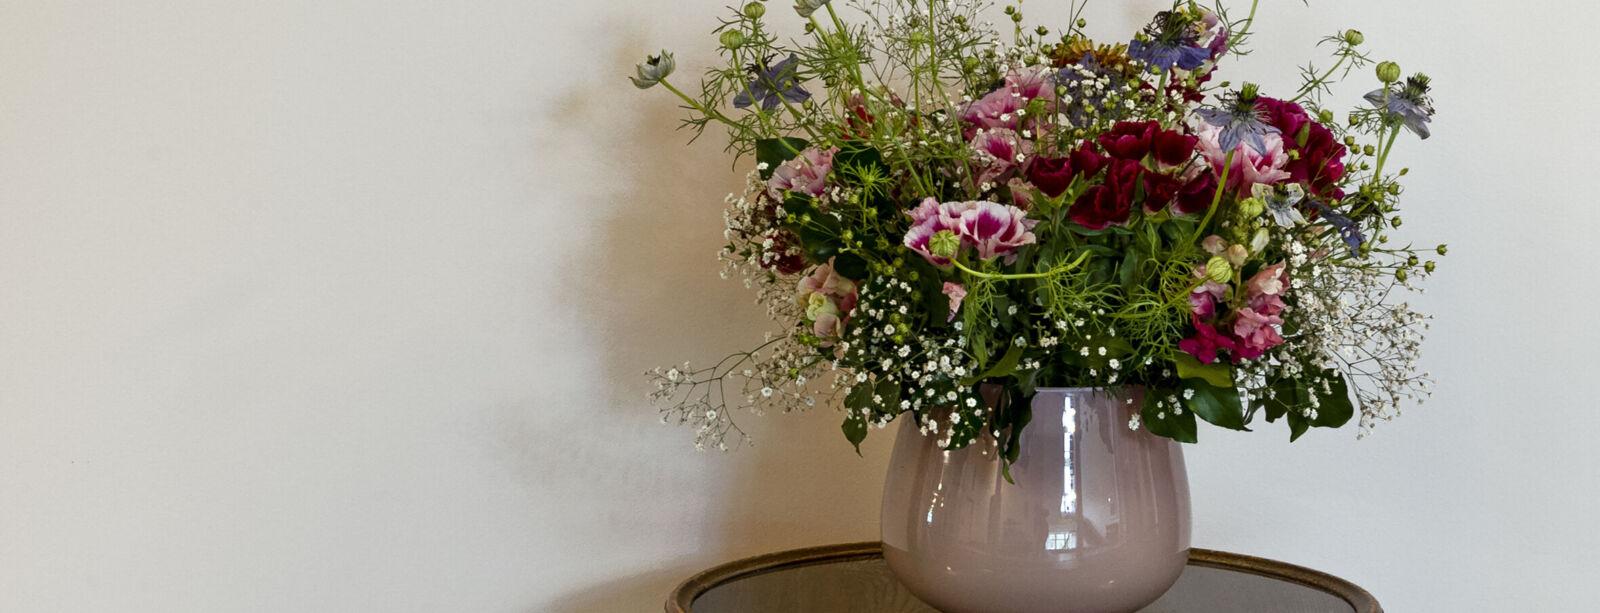 Blumenstrauss im Flur des Hotel Waldhaus Sils